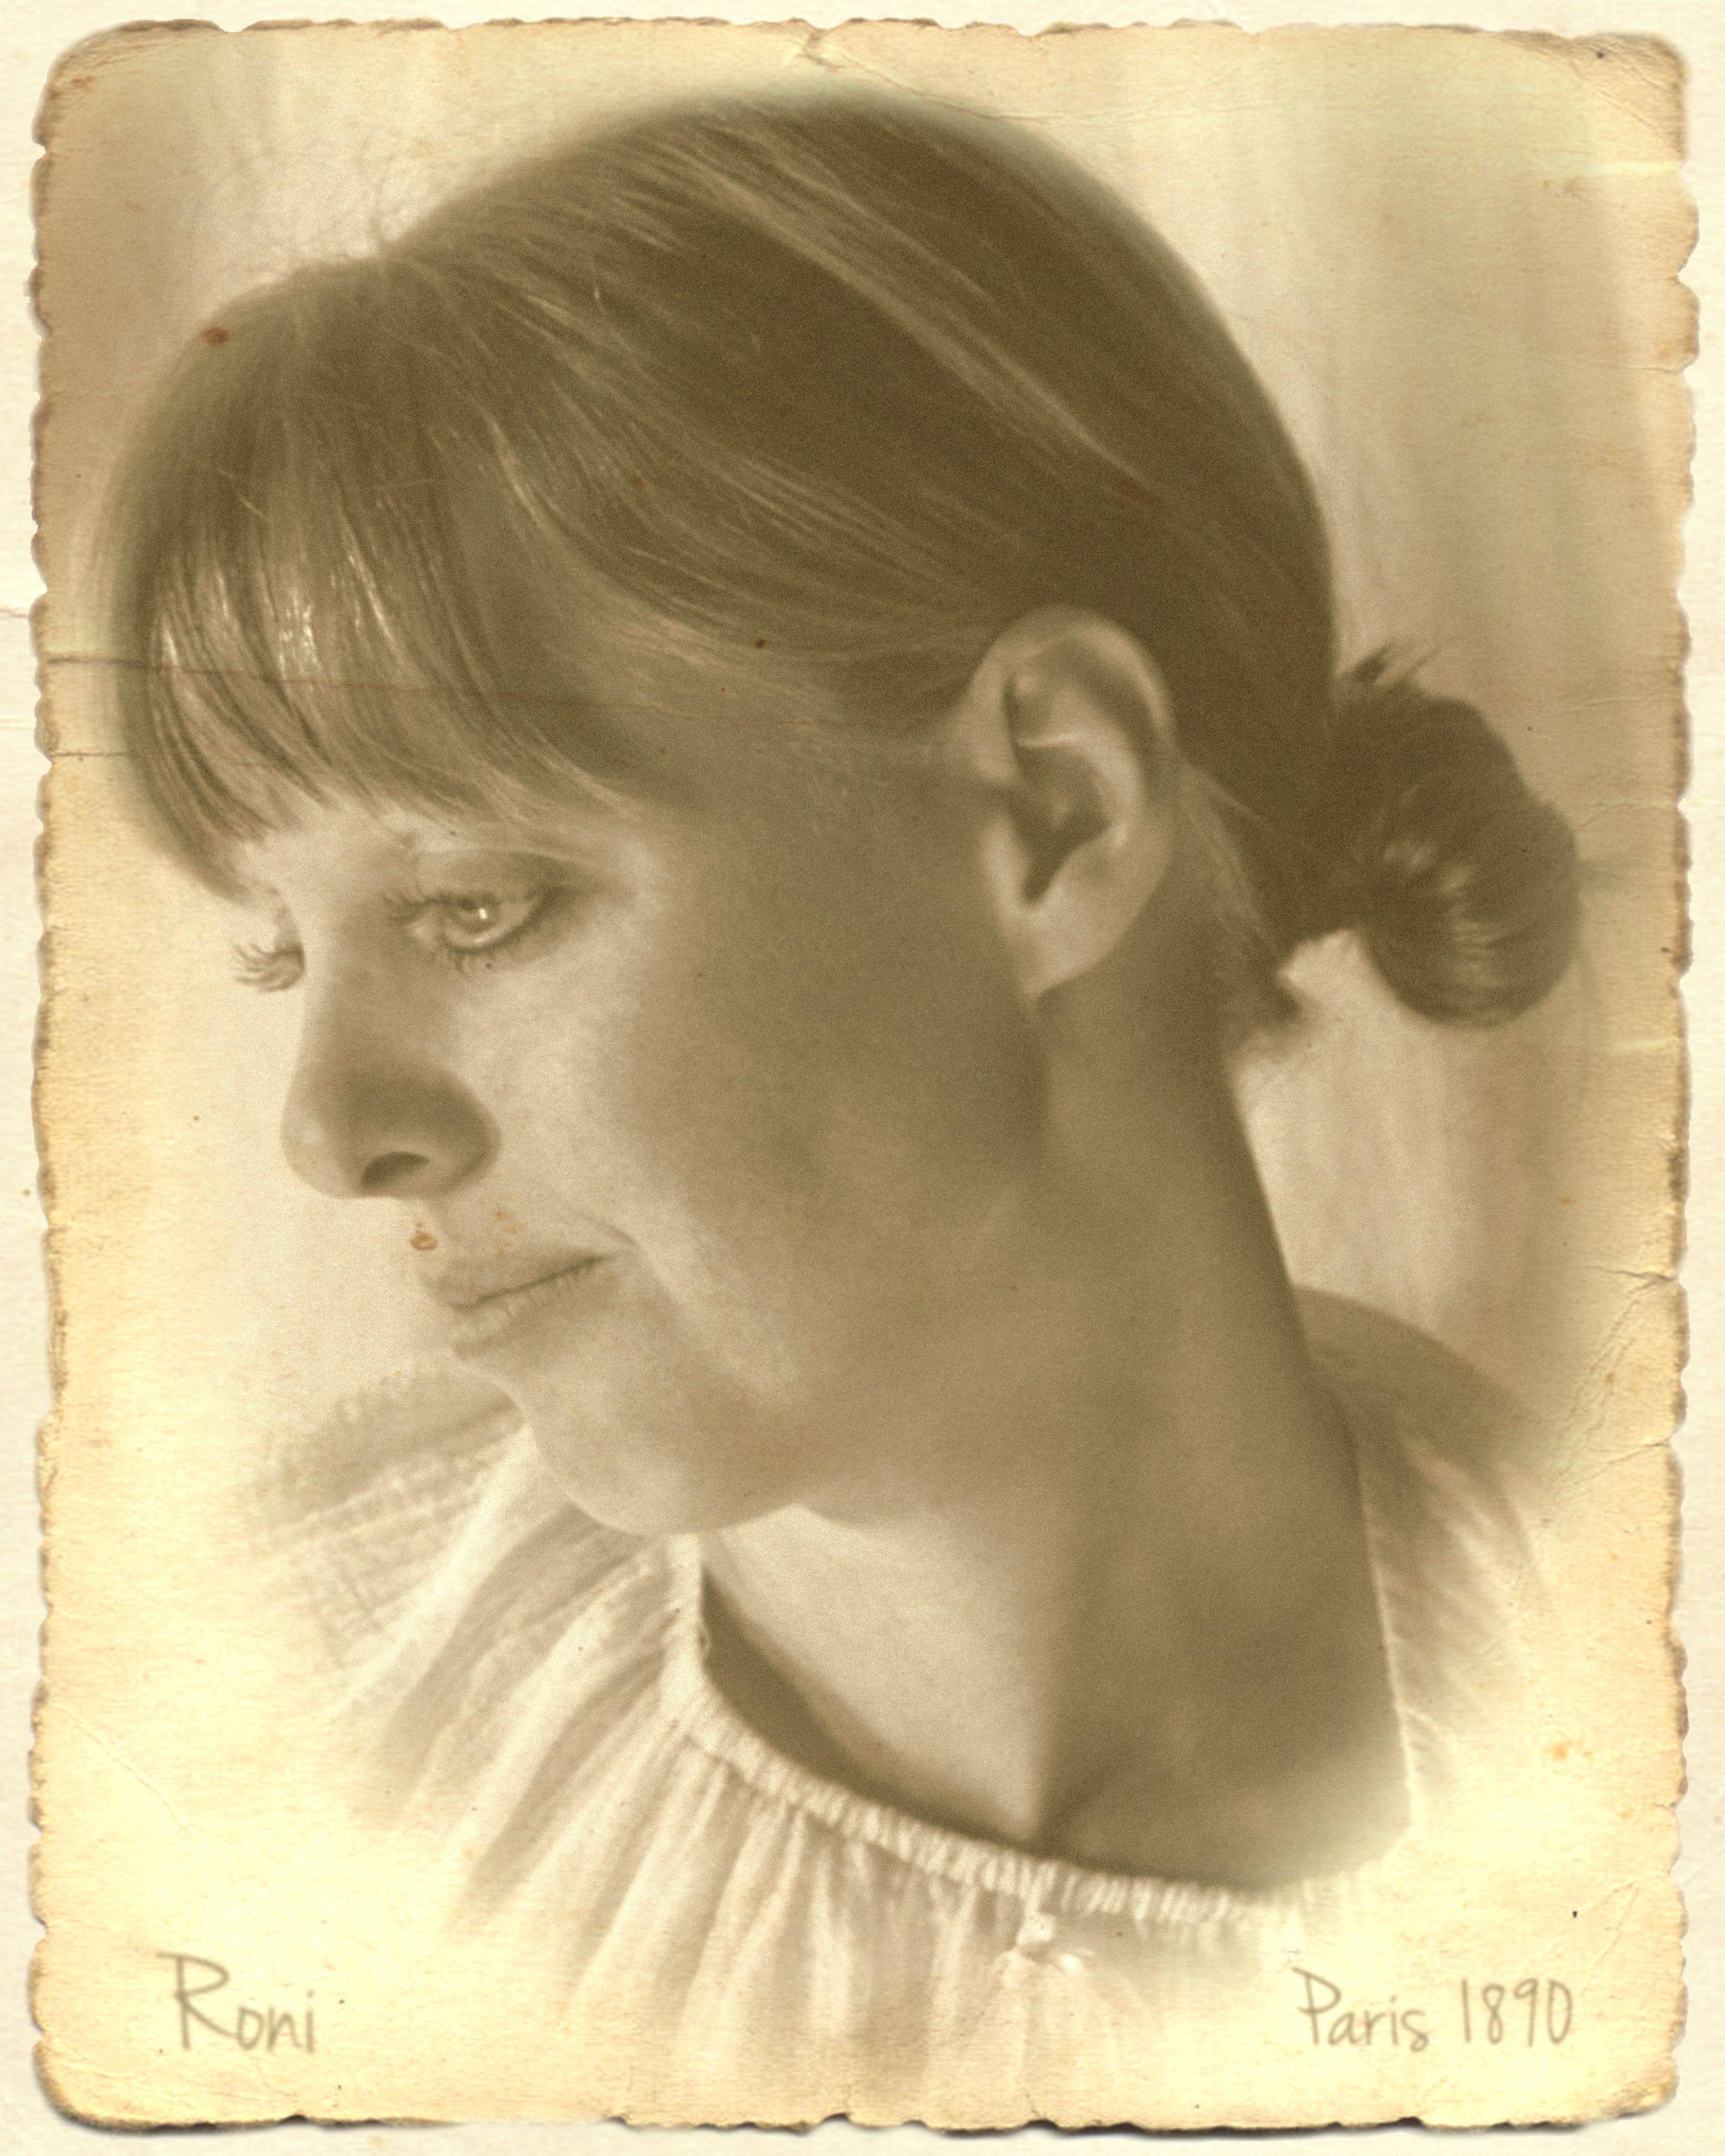 1890's portrait Photography